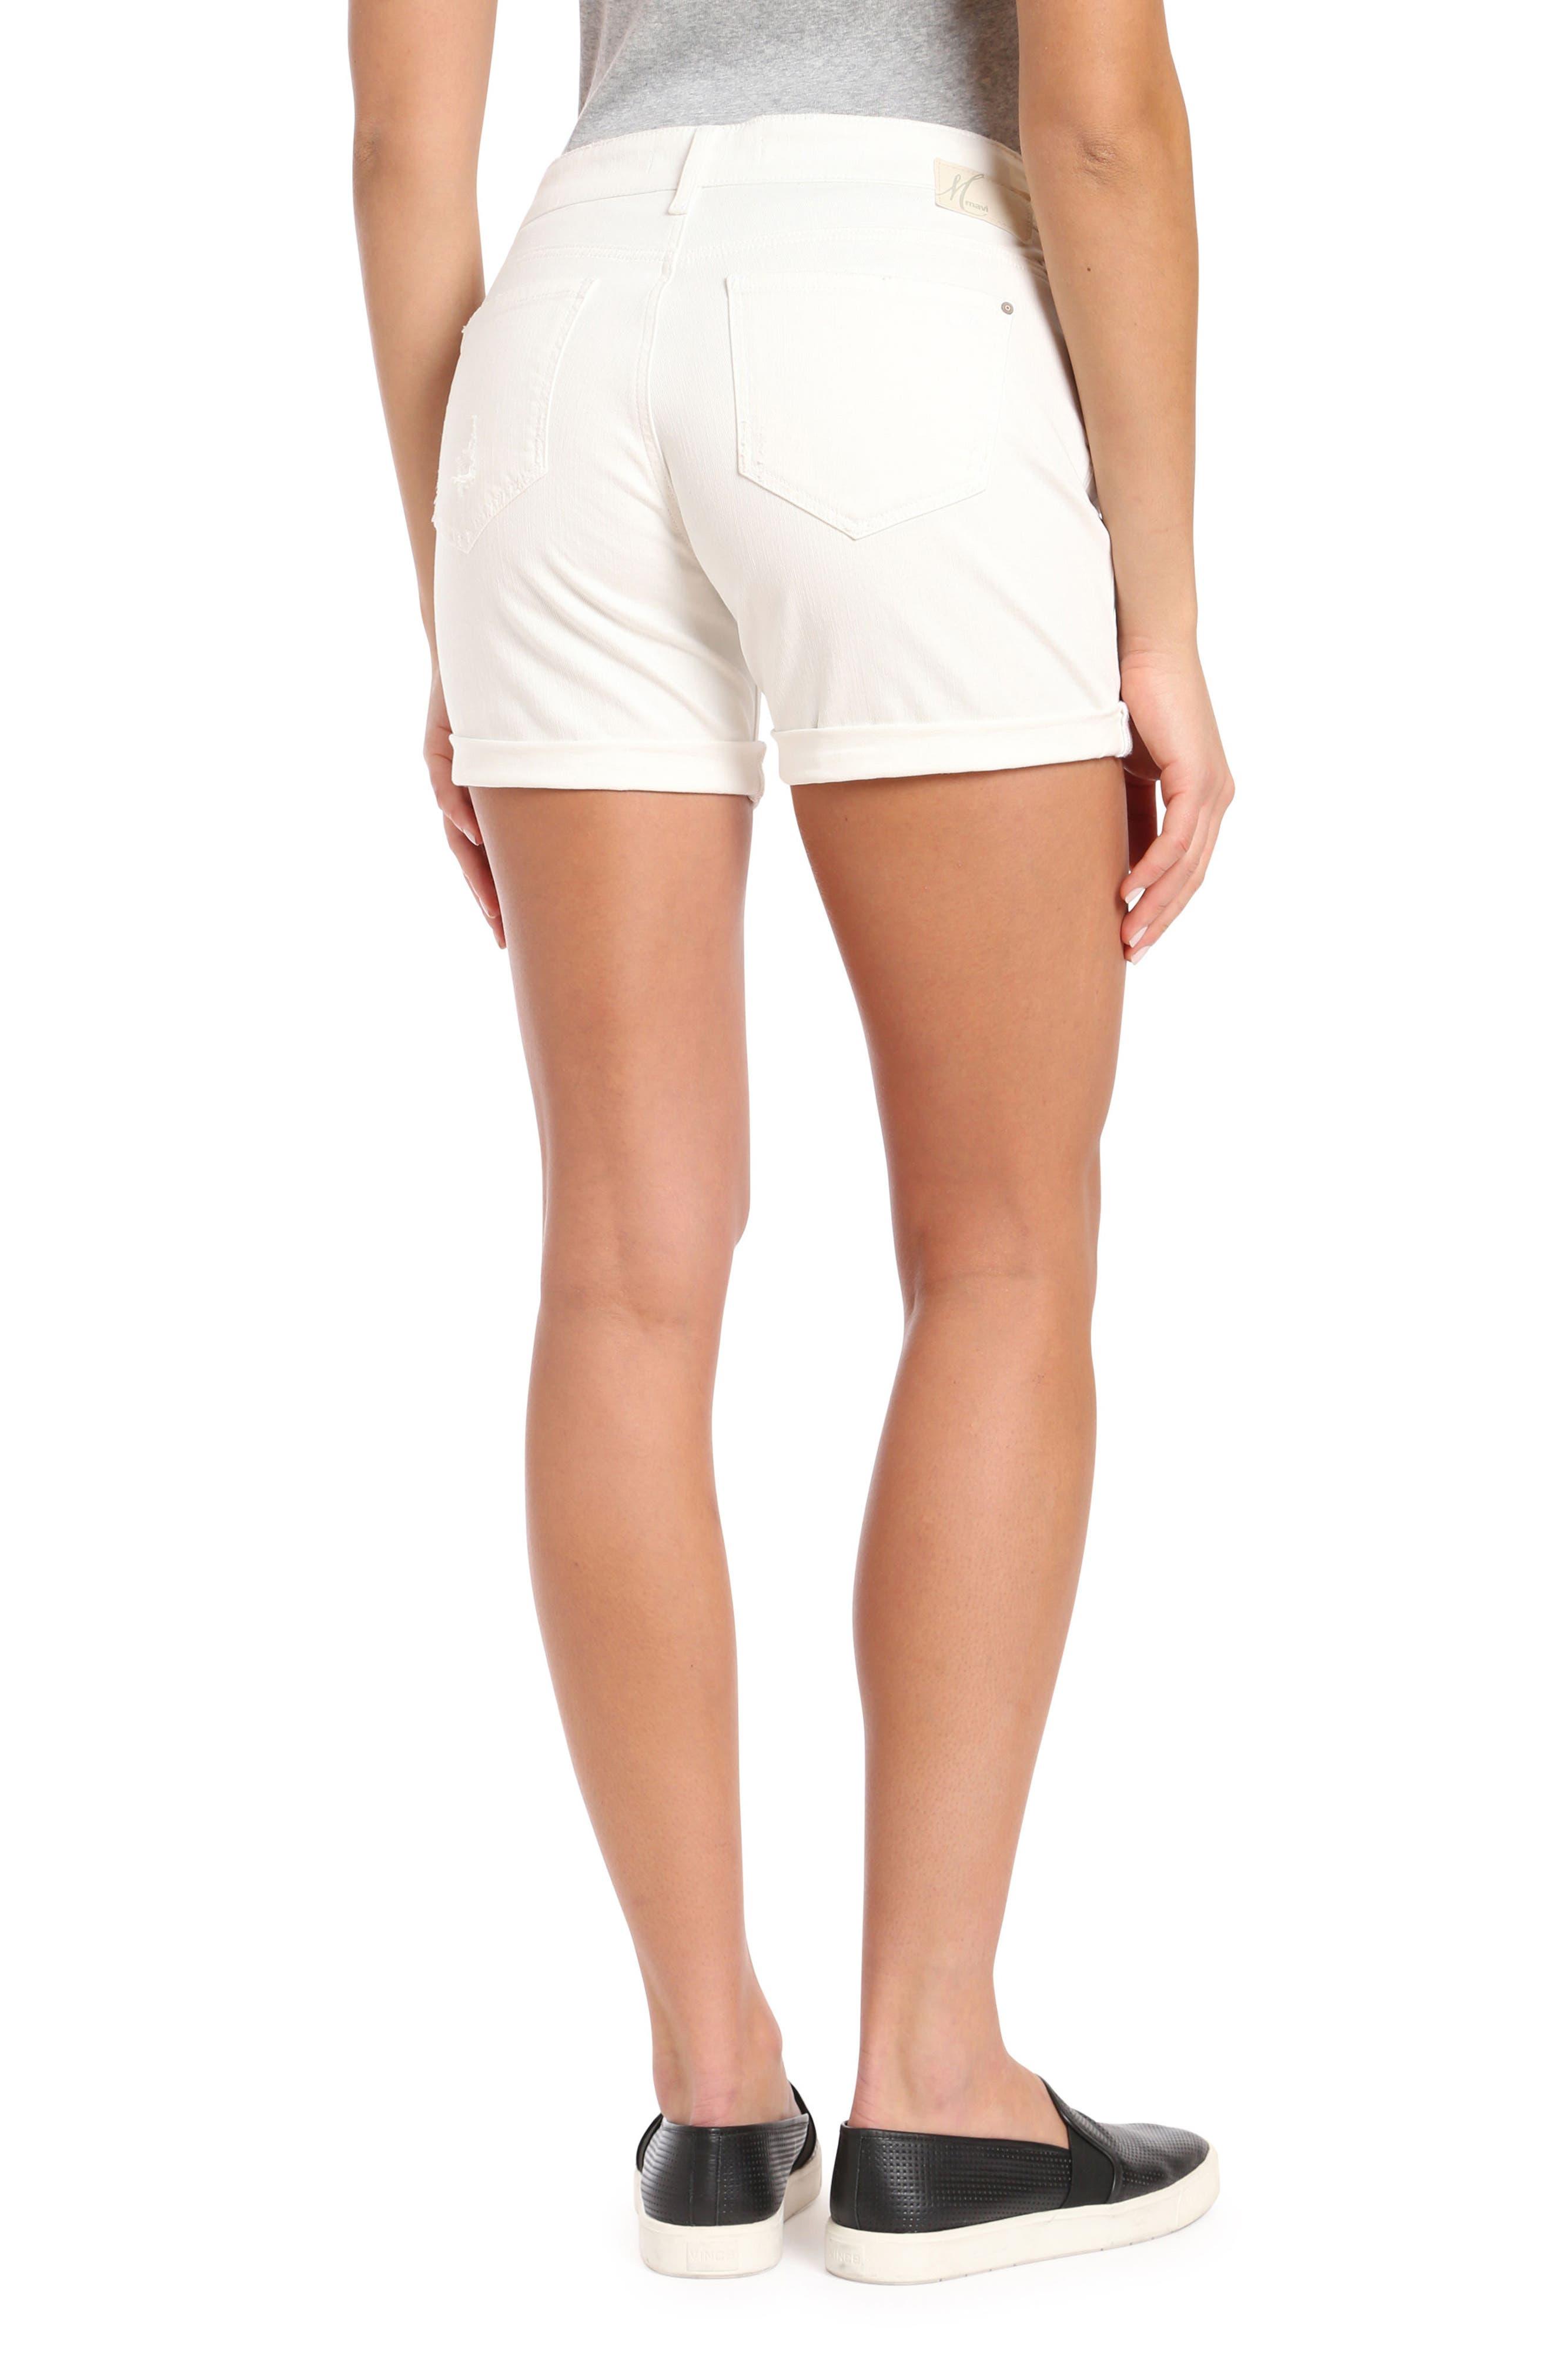 MAVI JEANS, Pixie Ripped Denim Shorts, Alternate thumbnail 2, color, WHITE RIPPED NOLITA